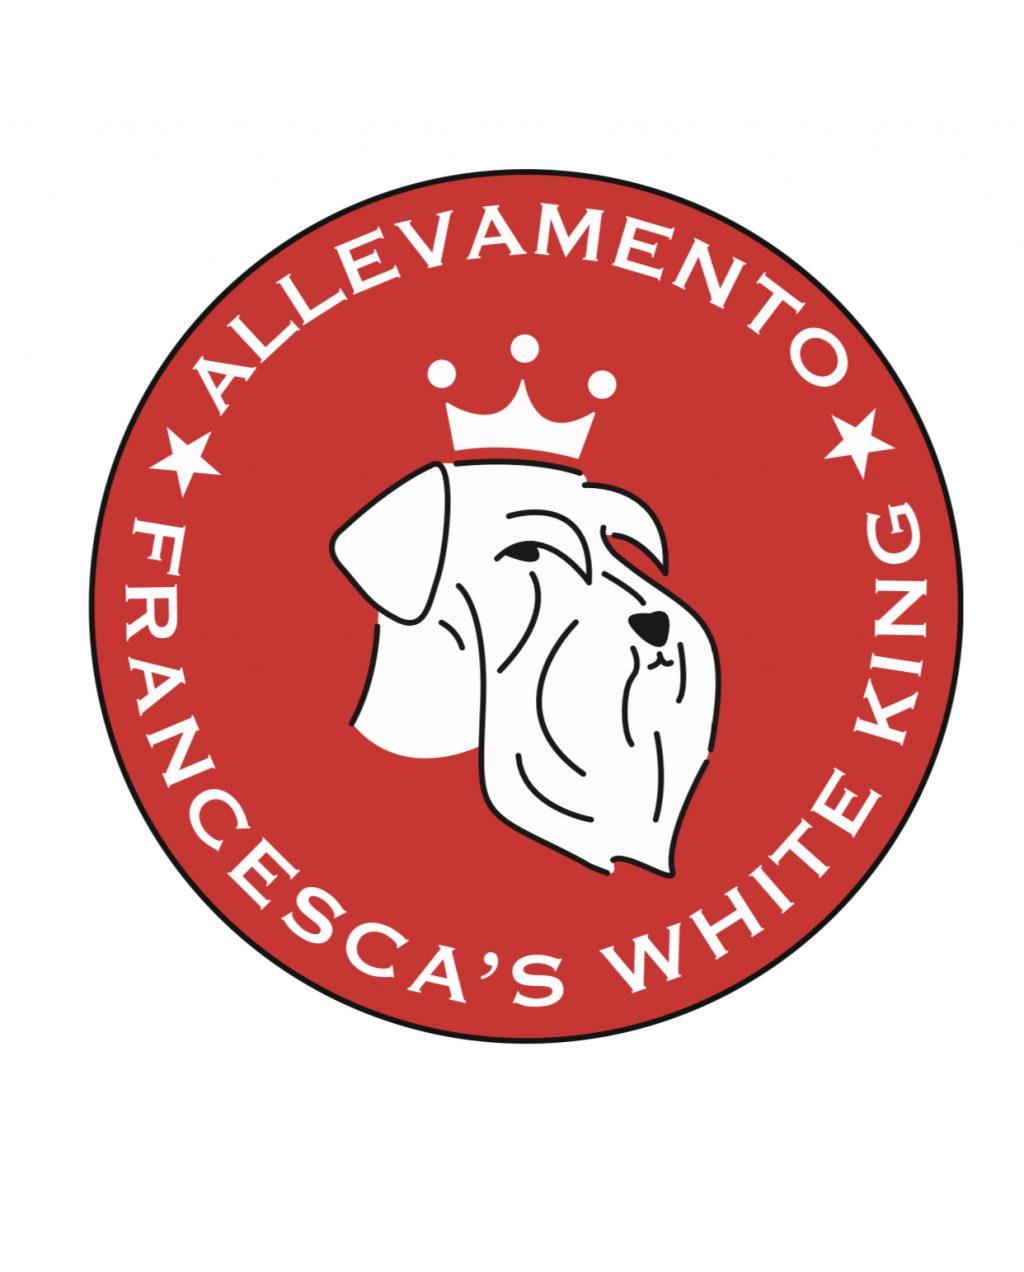 white-king-allevamento-schnauzer-nani-bianchi.jpeg